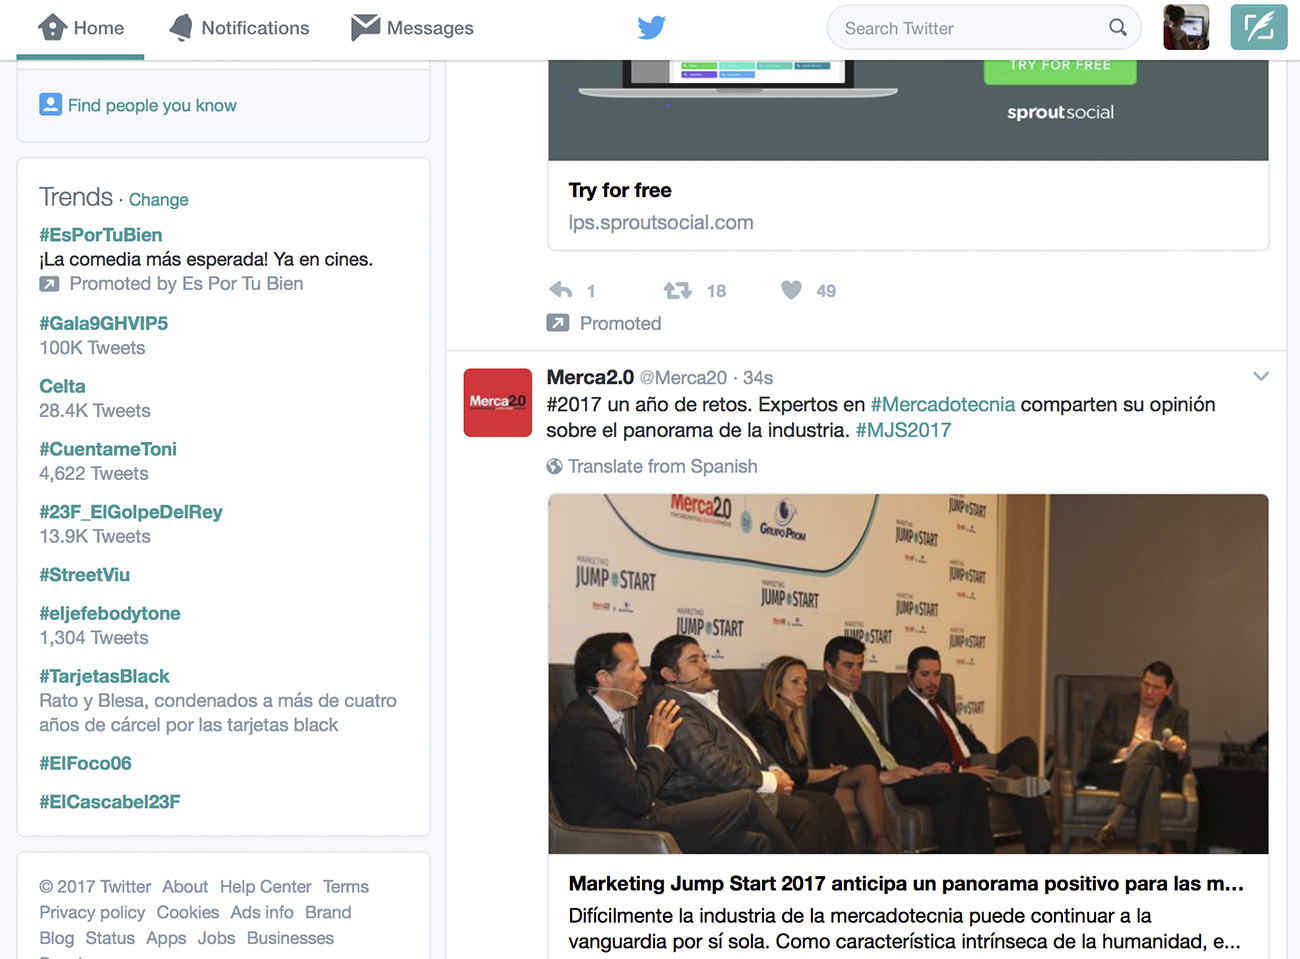 Ejemplo de uso de etiquetas en Twitter para empresas